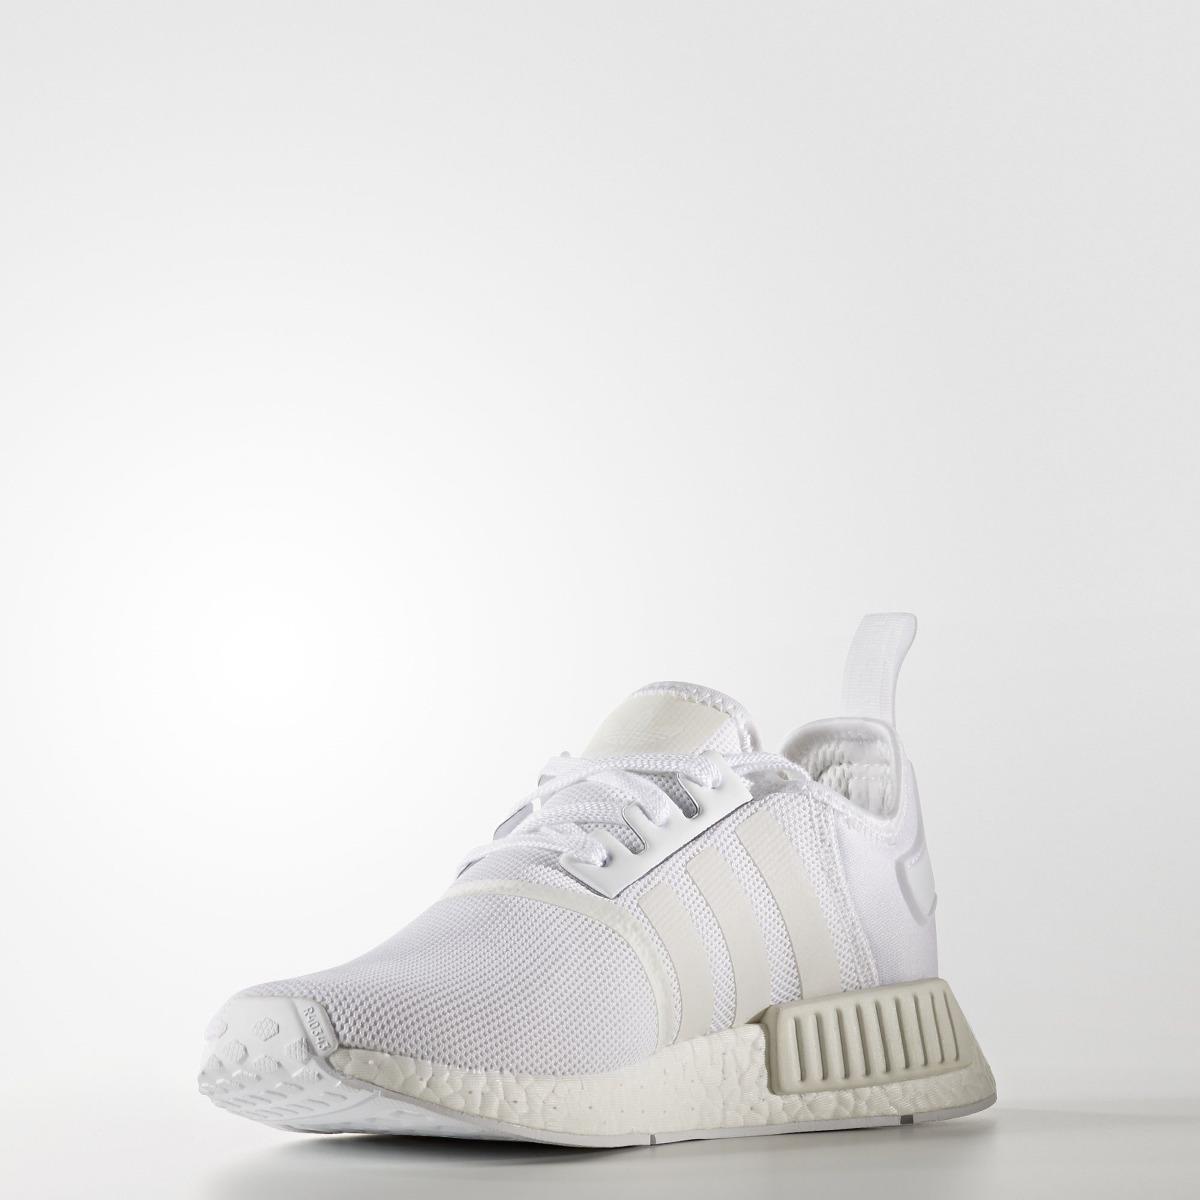 3a43bb4a77 tênis adidas nmd r1 branco unissex original em promoção. Carregando zoom.